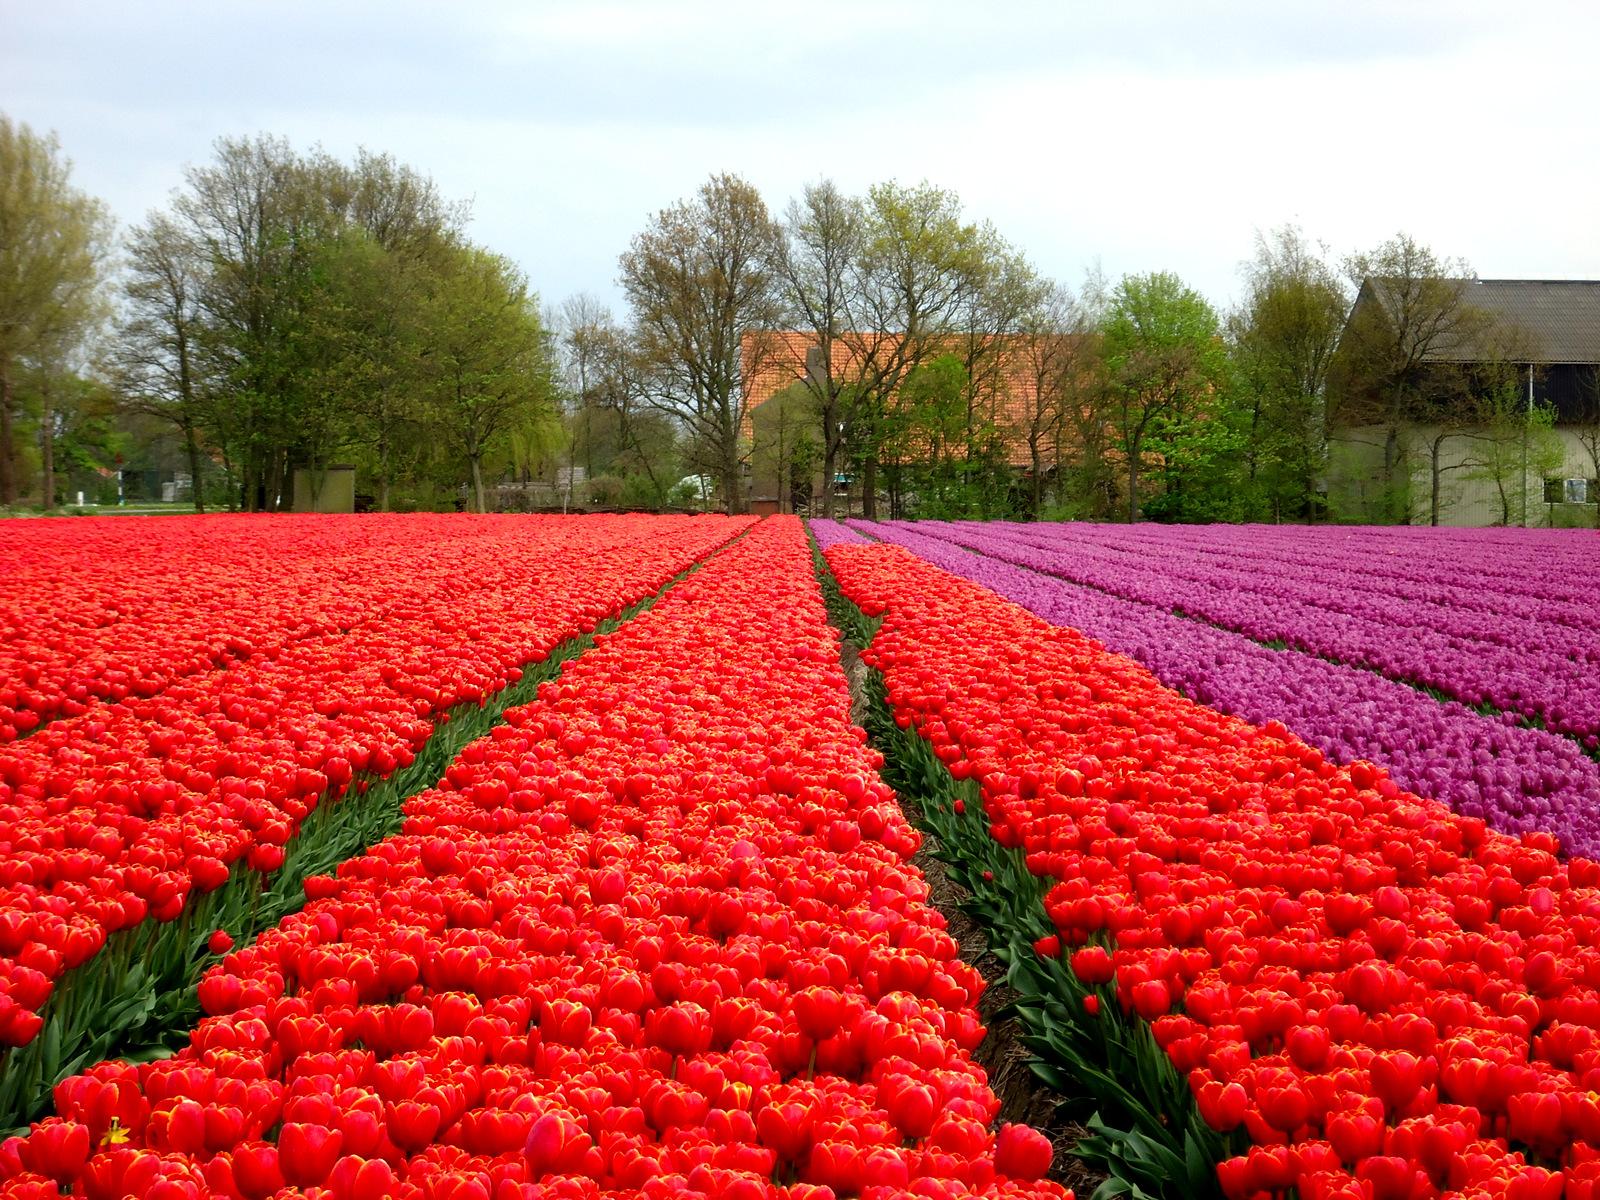 Kou zorgt voor kleurrijke lente